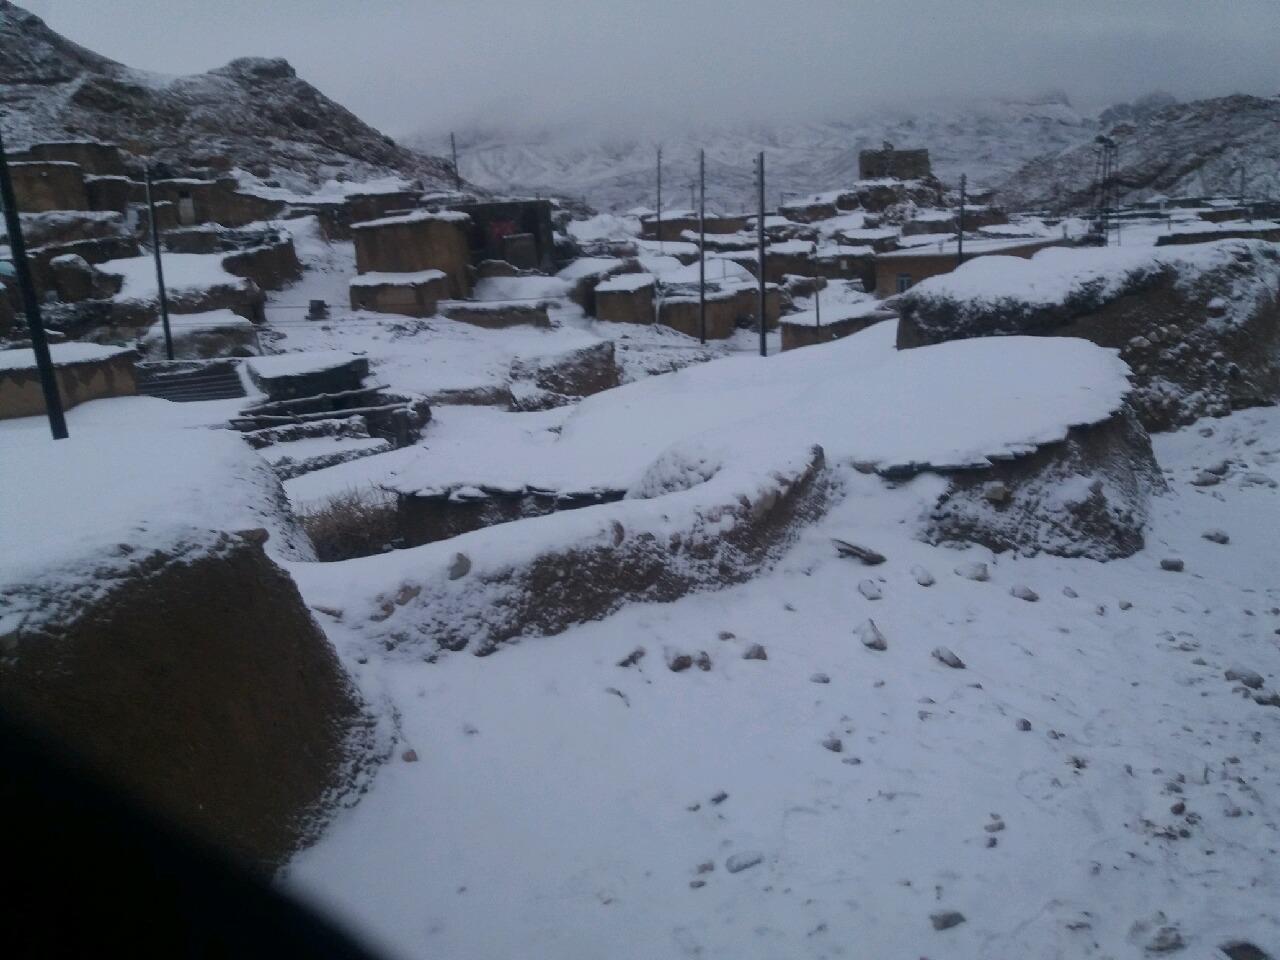 بیشترین ارتفاع برف در کریموی سرایان با ۴۰سانتی متر